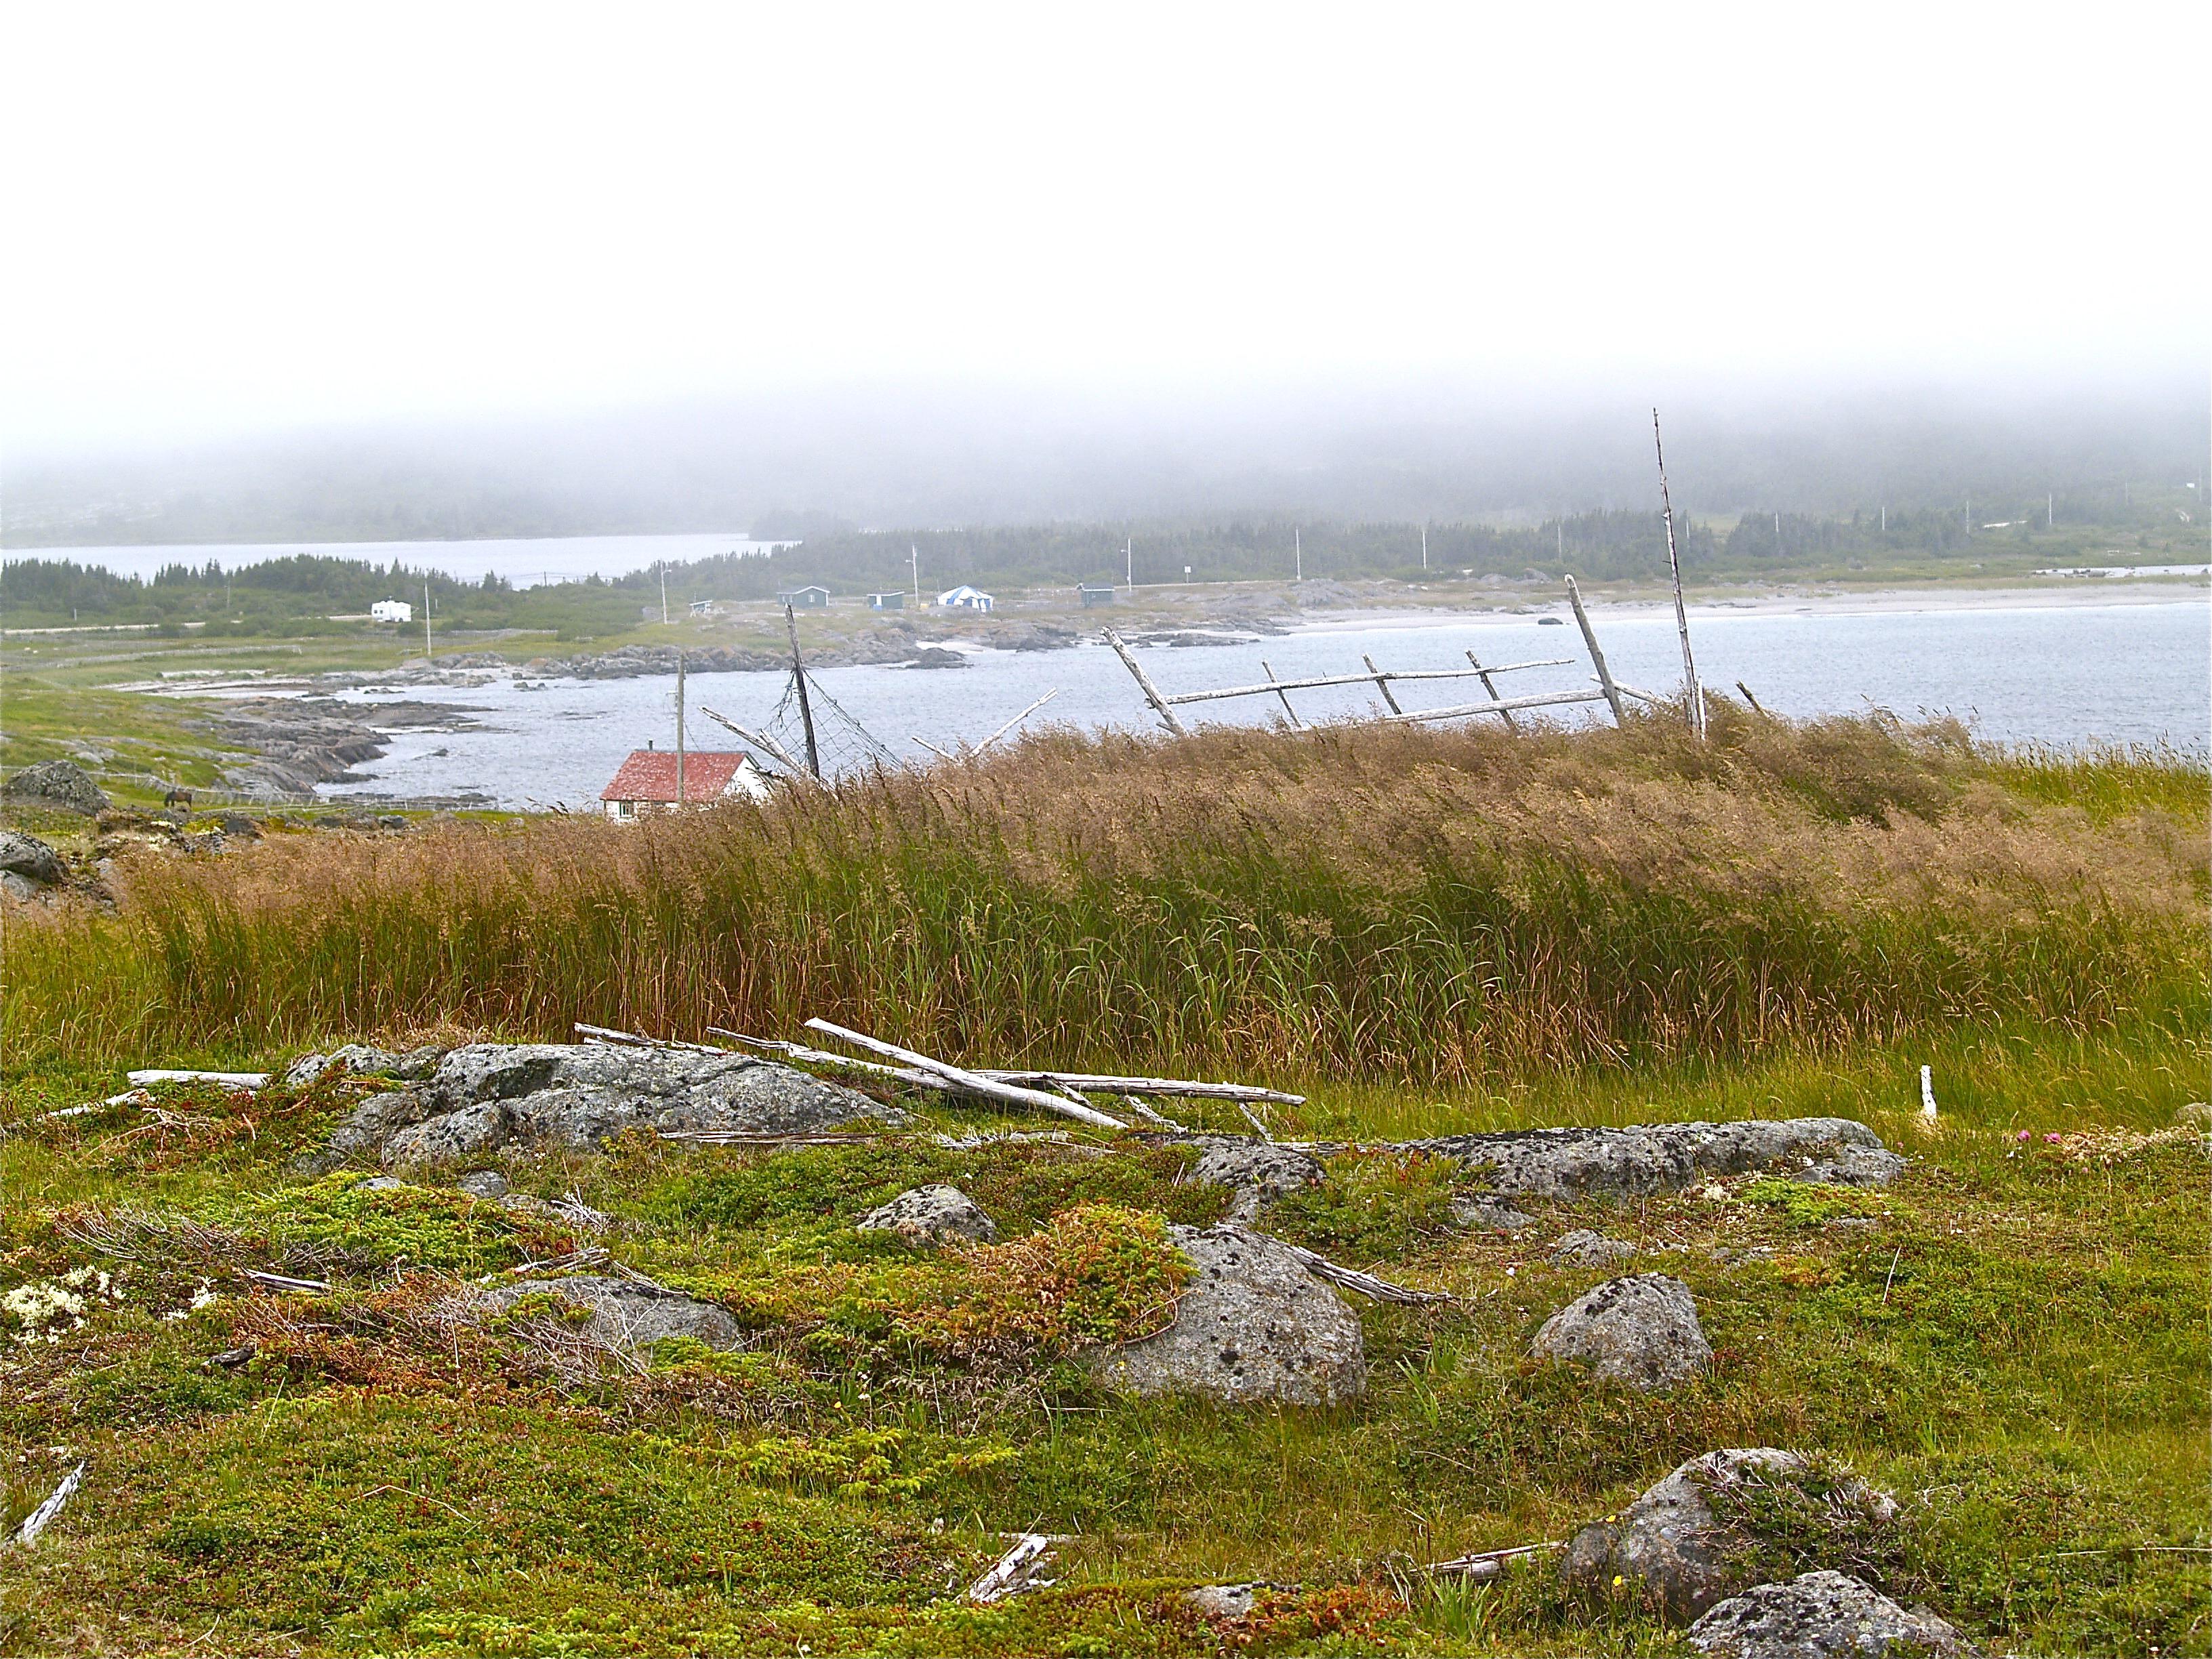 Un peu de la beauté troublante de la communauté de Tilting, Fogo Island. Photo : Jacinthe Tremblay